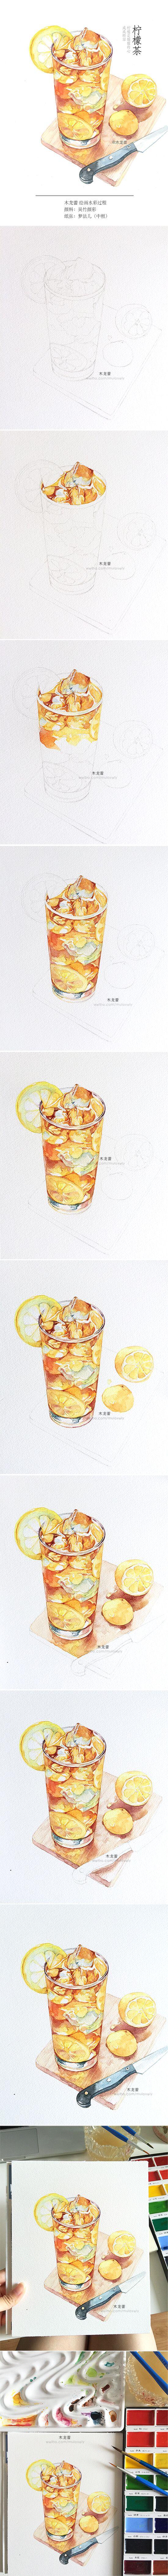 #木龙蕾/绘# 冰柠檬茶 手绘水彩教程 水彩过程 插画 步骤图